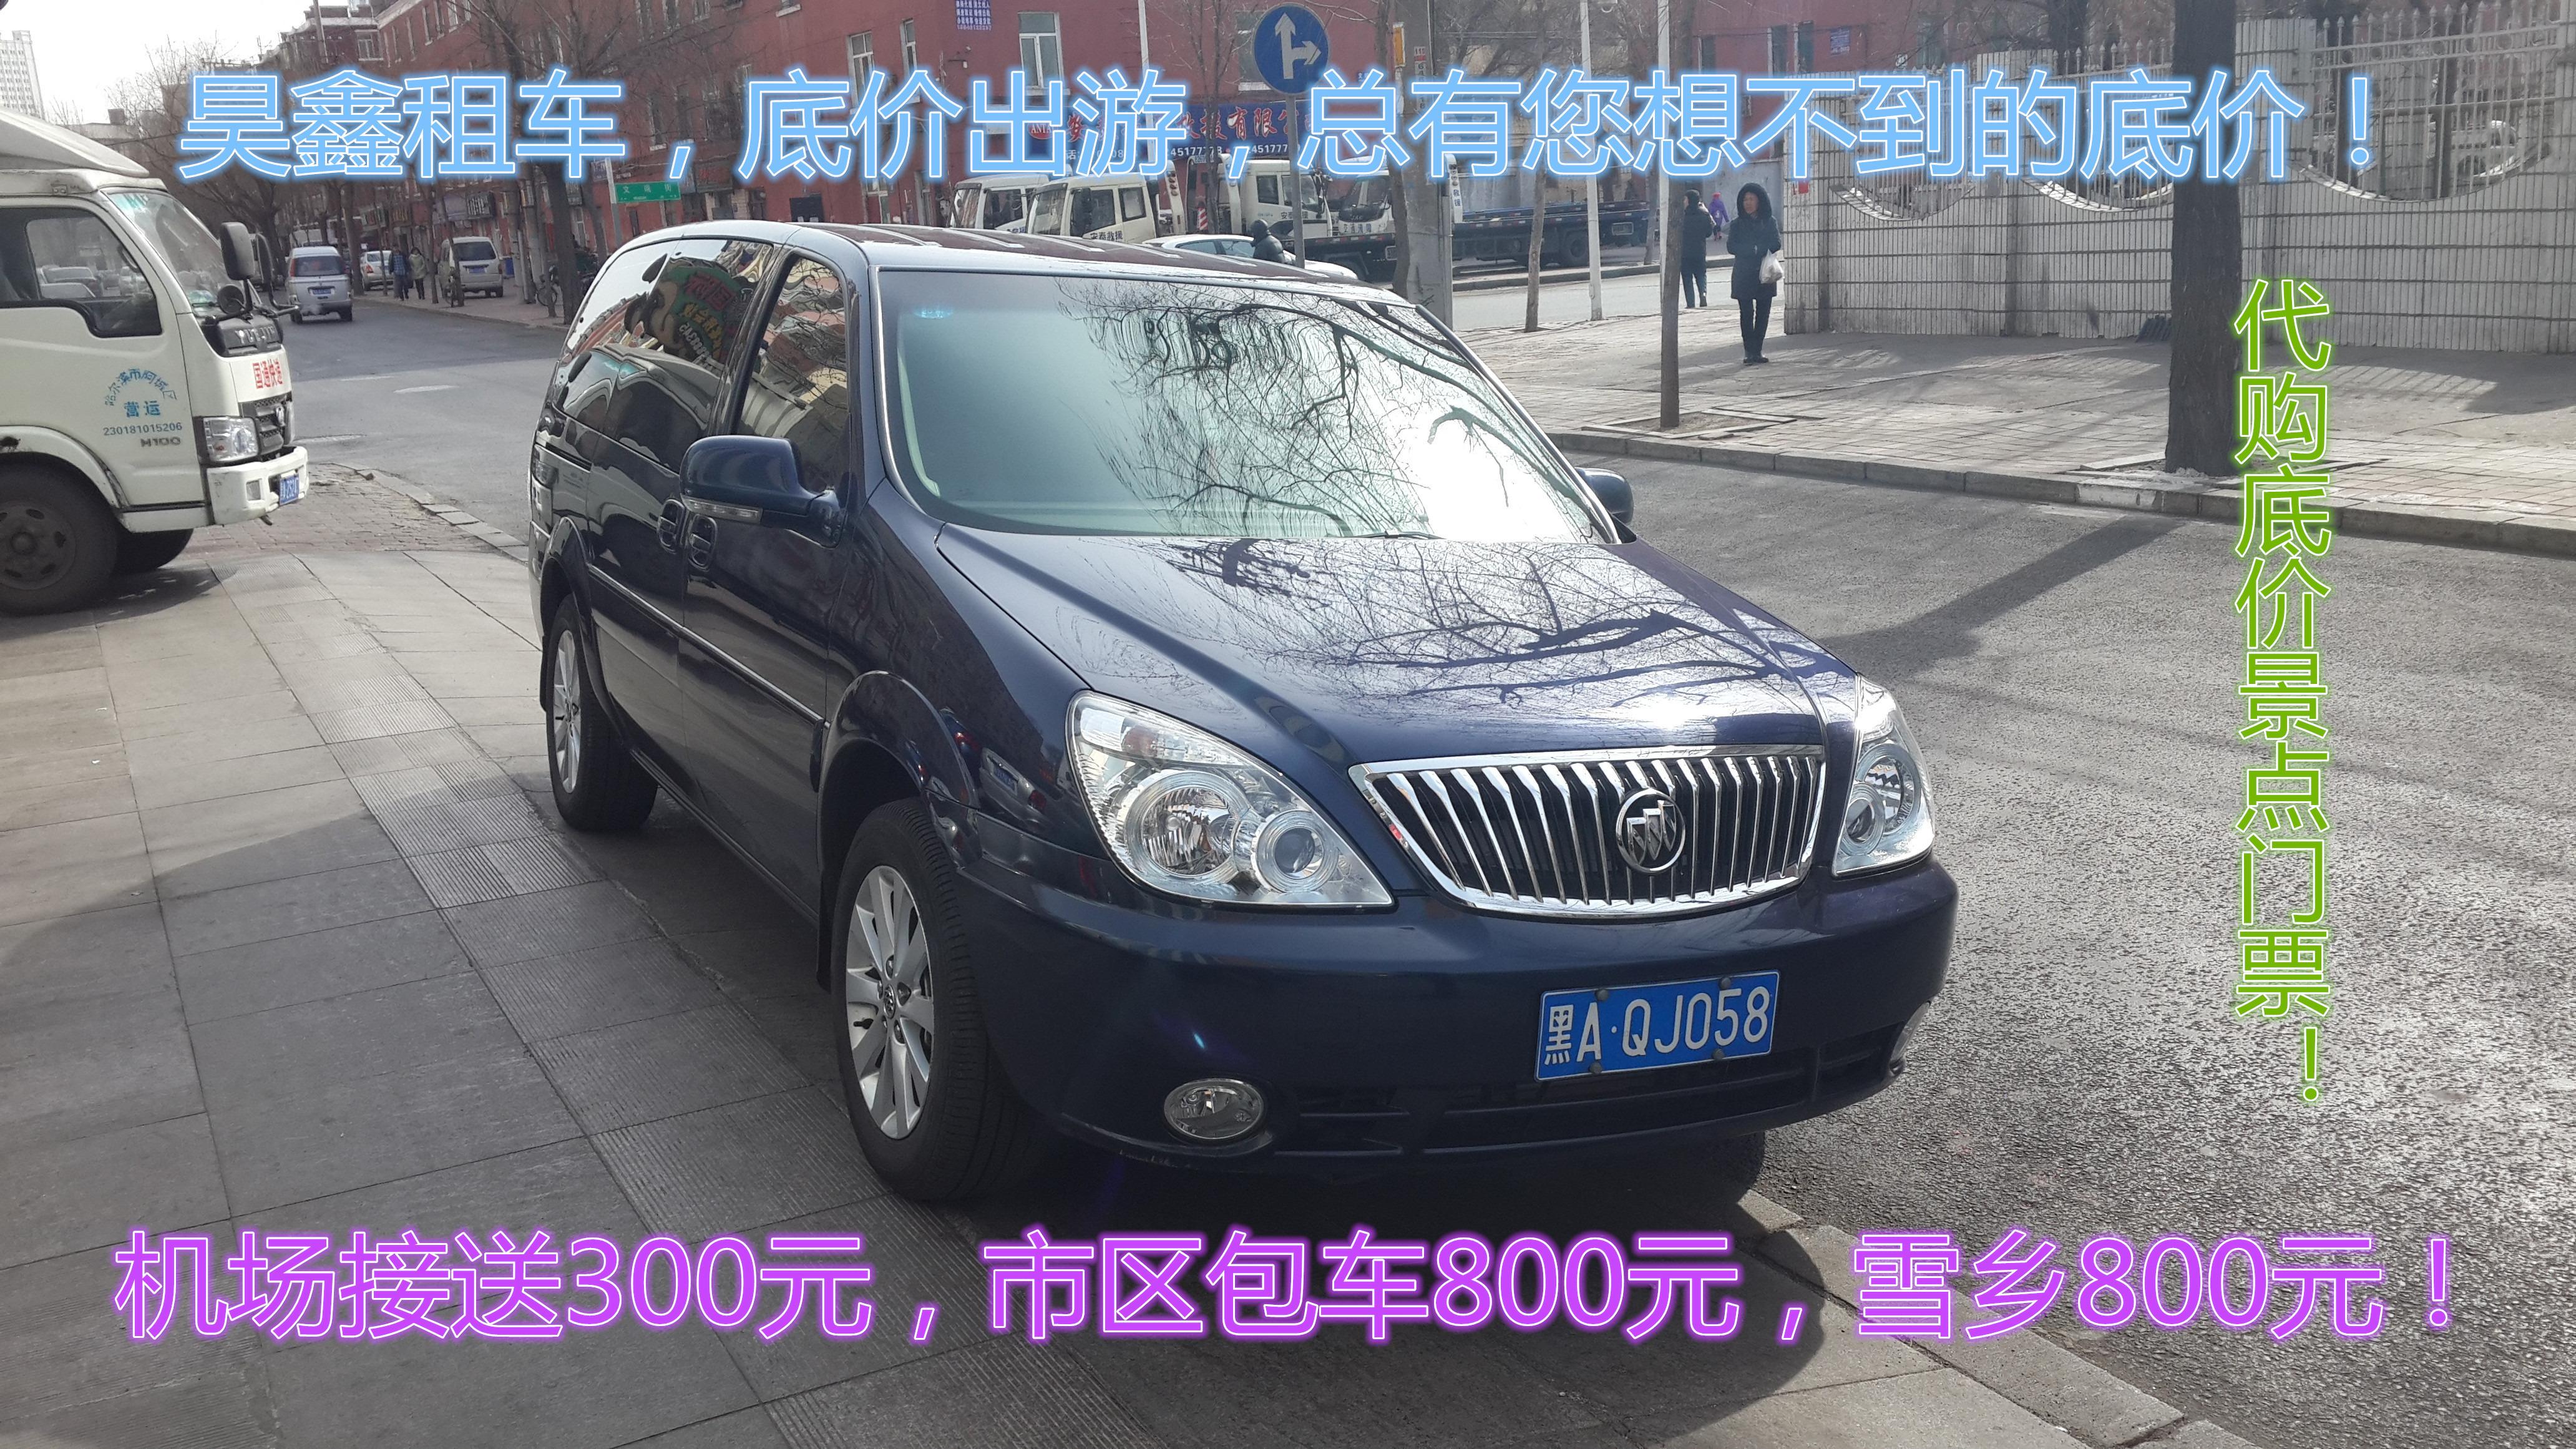 七座别克商务车_哈尔滨市区包车_哈尔滨旅游景点包车